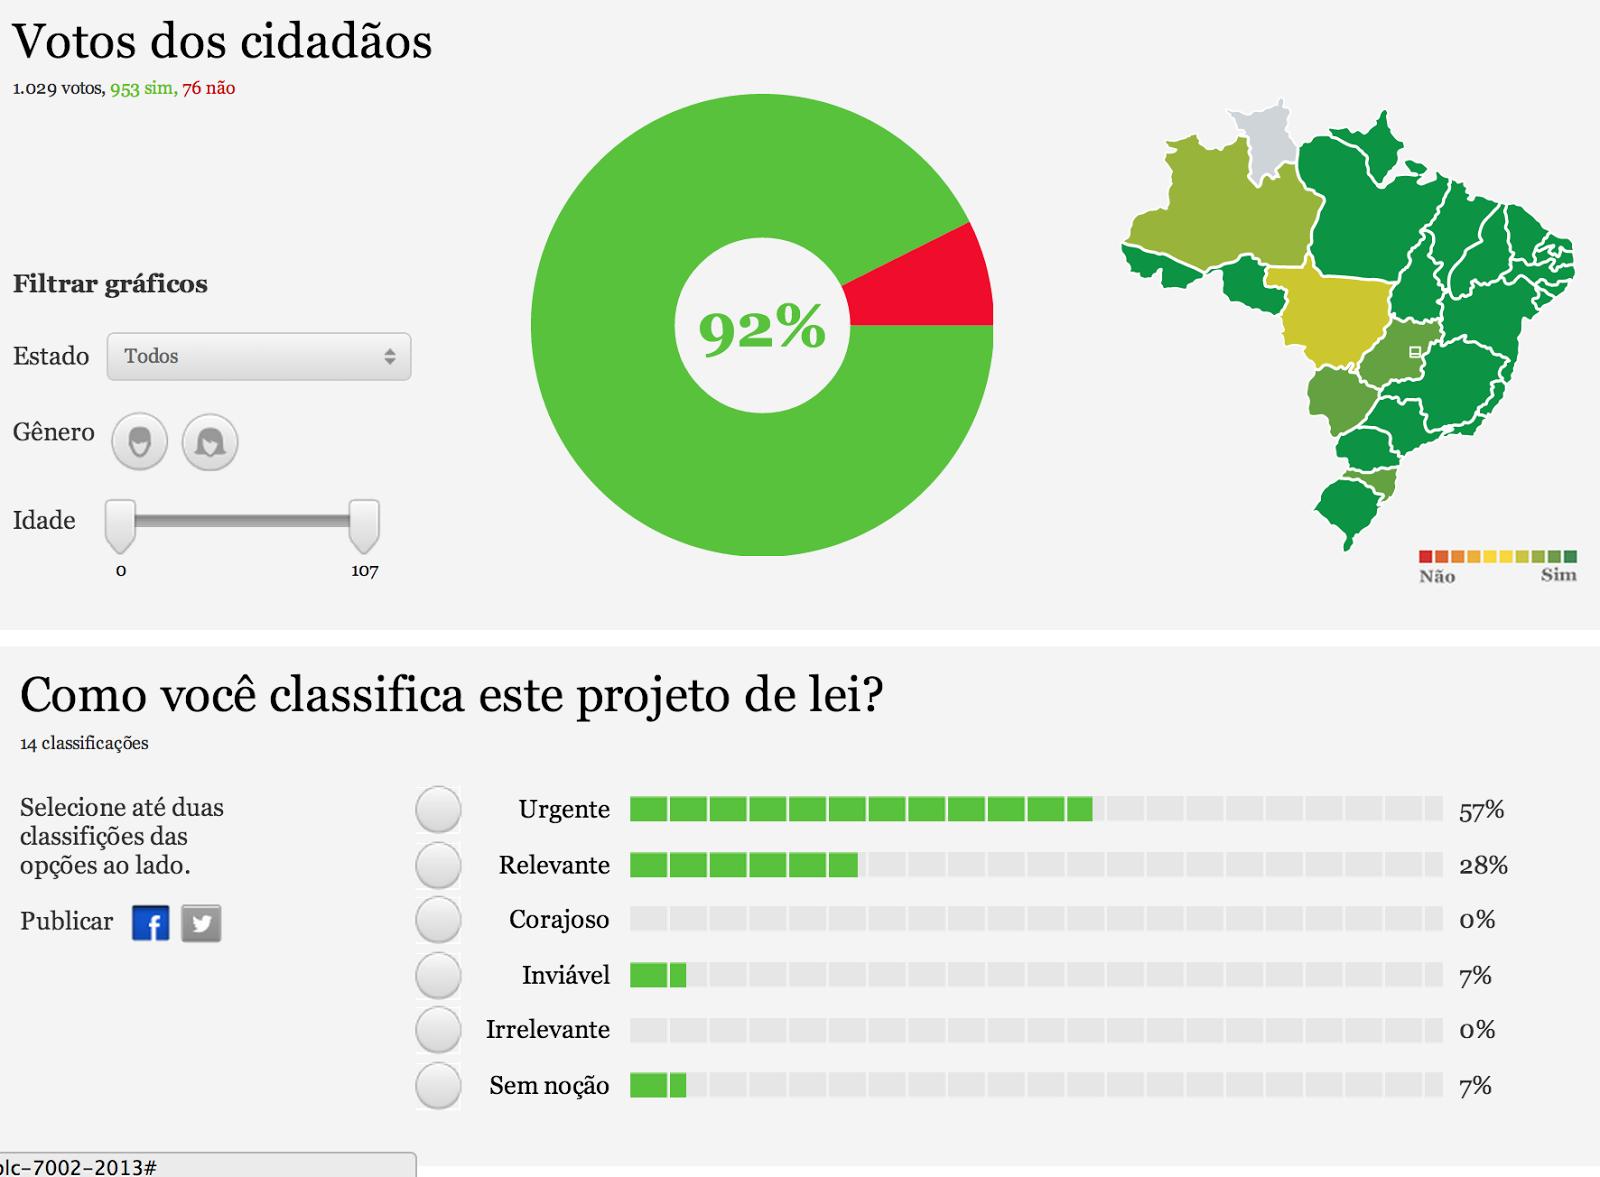 A mobilização nas proposições legislativas é uma das chaves para uma mudança gradual de mentalidade no Brasil e o caminho para a disseminação das ideias liberais.